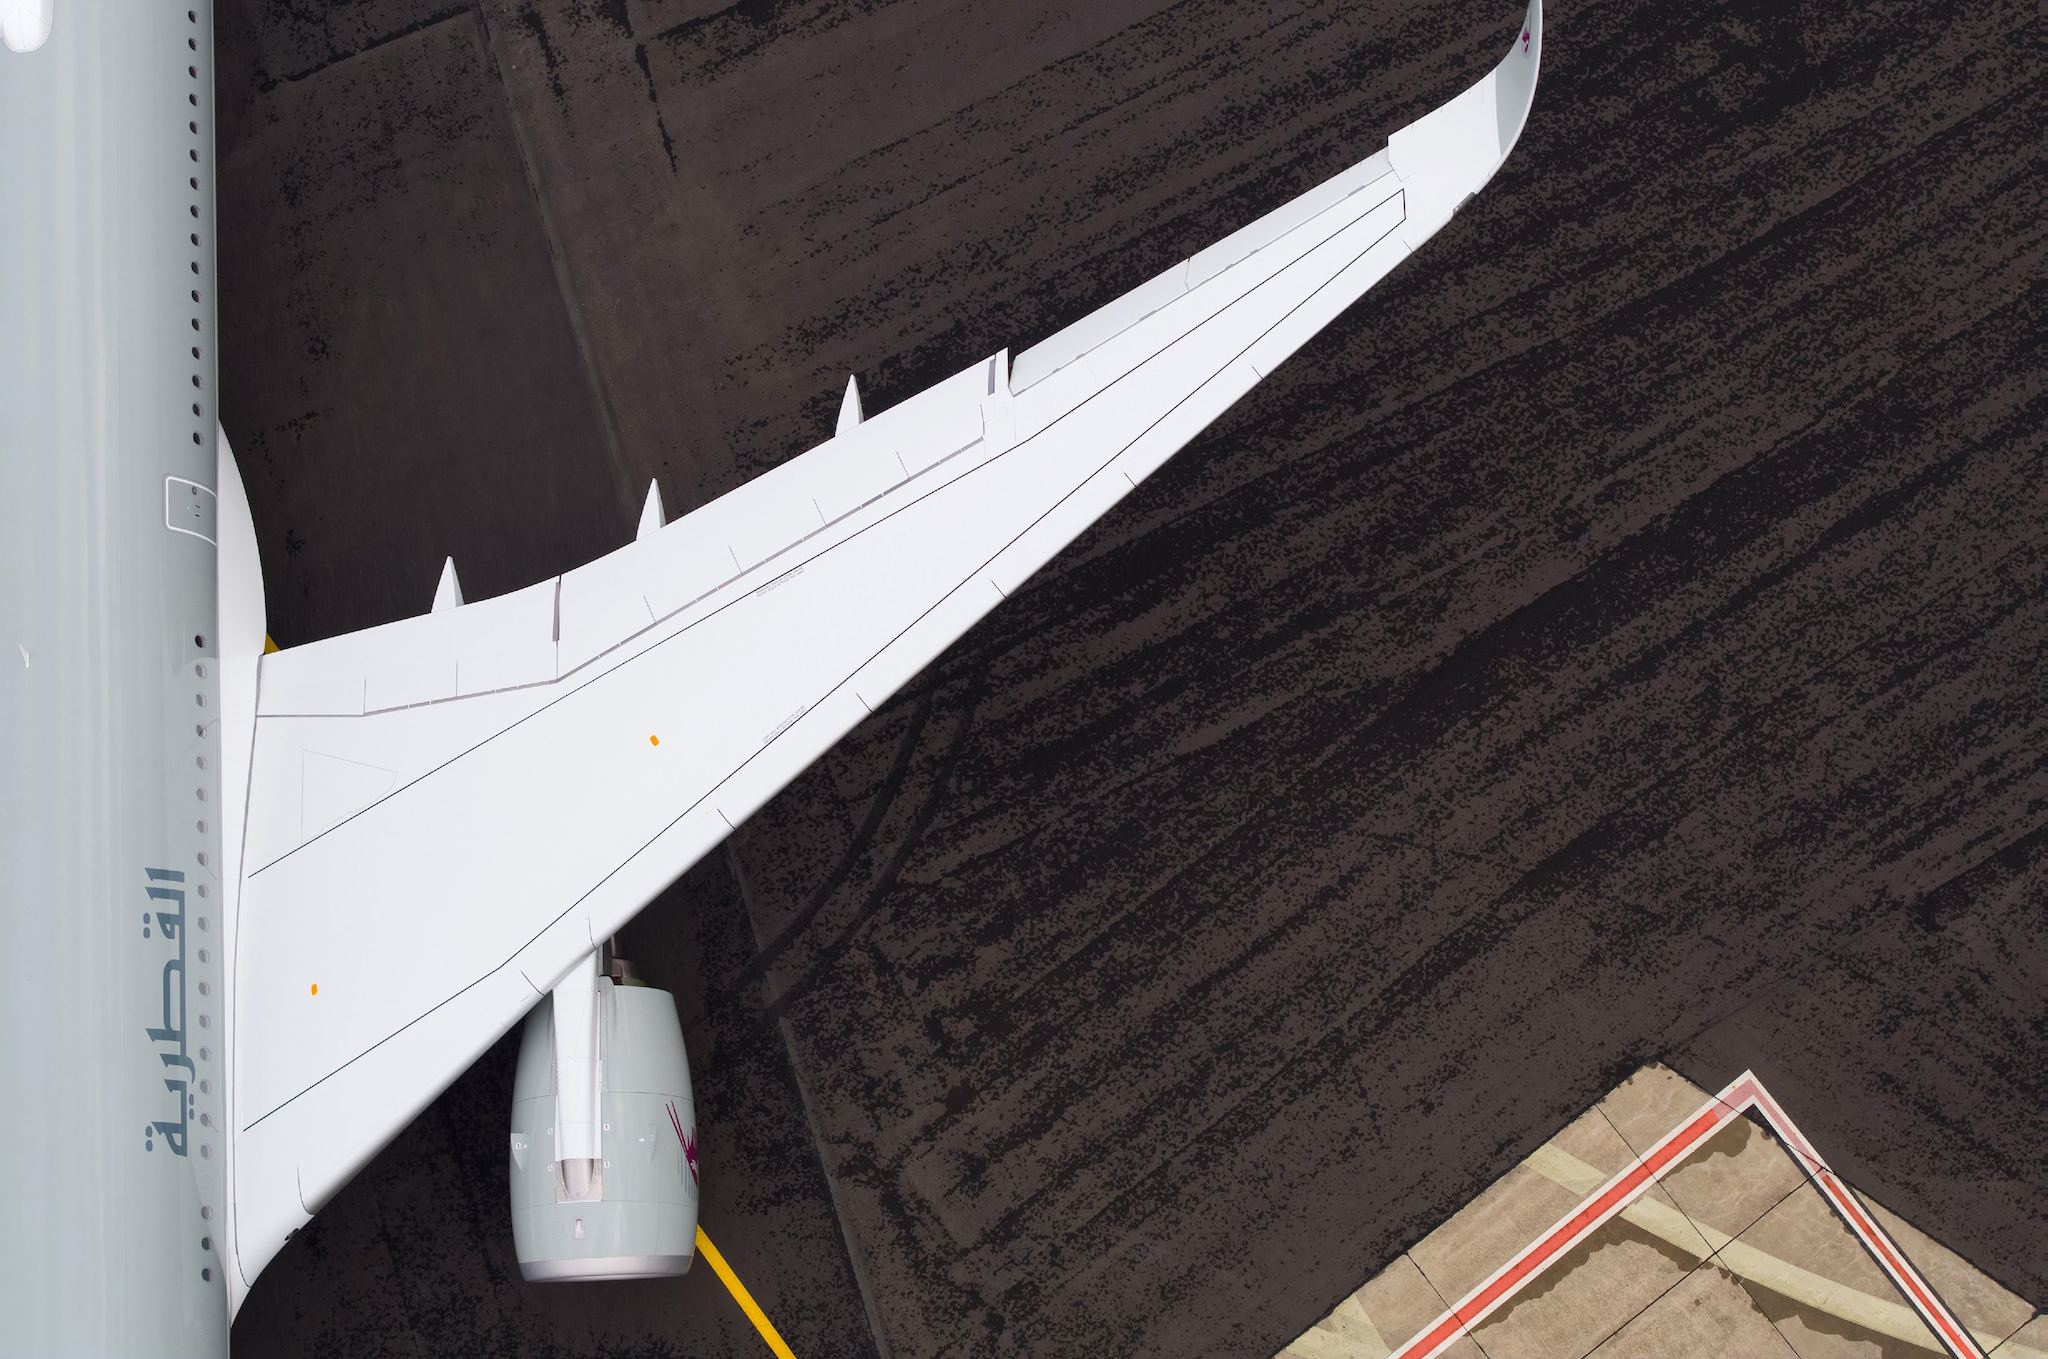 Airbus A350-1000 Qatar